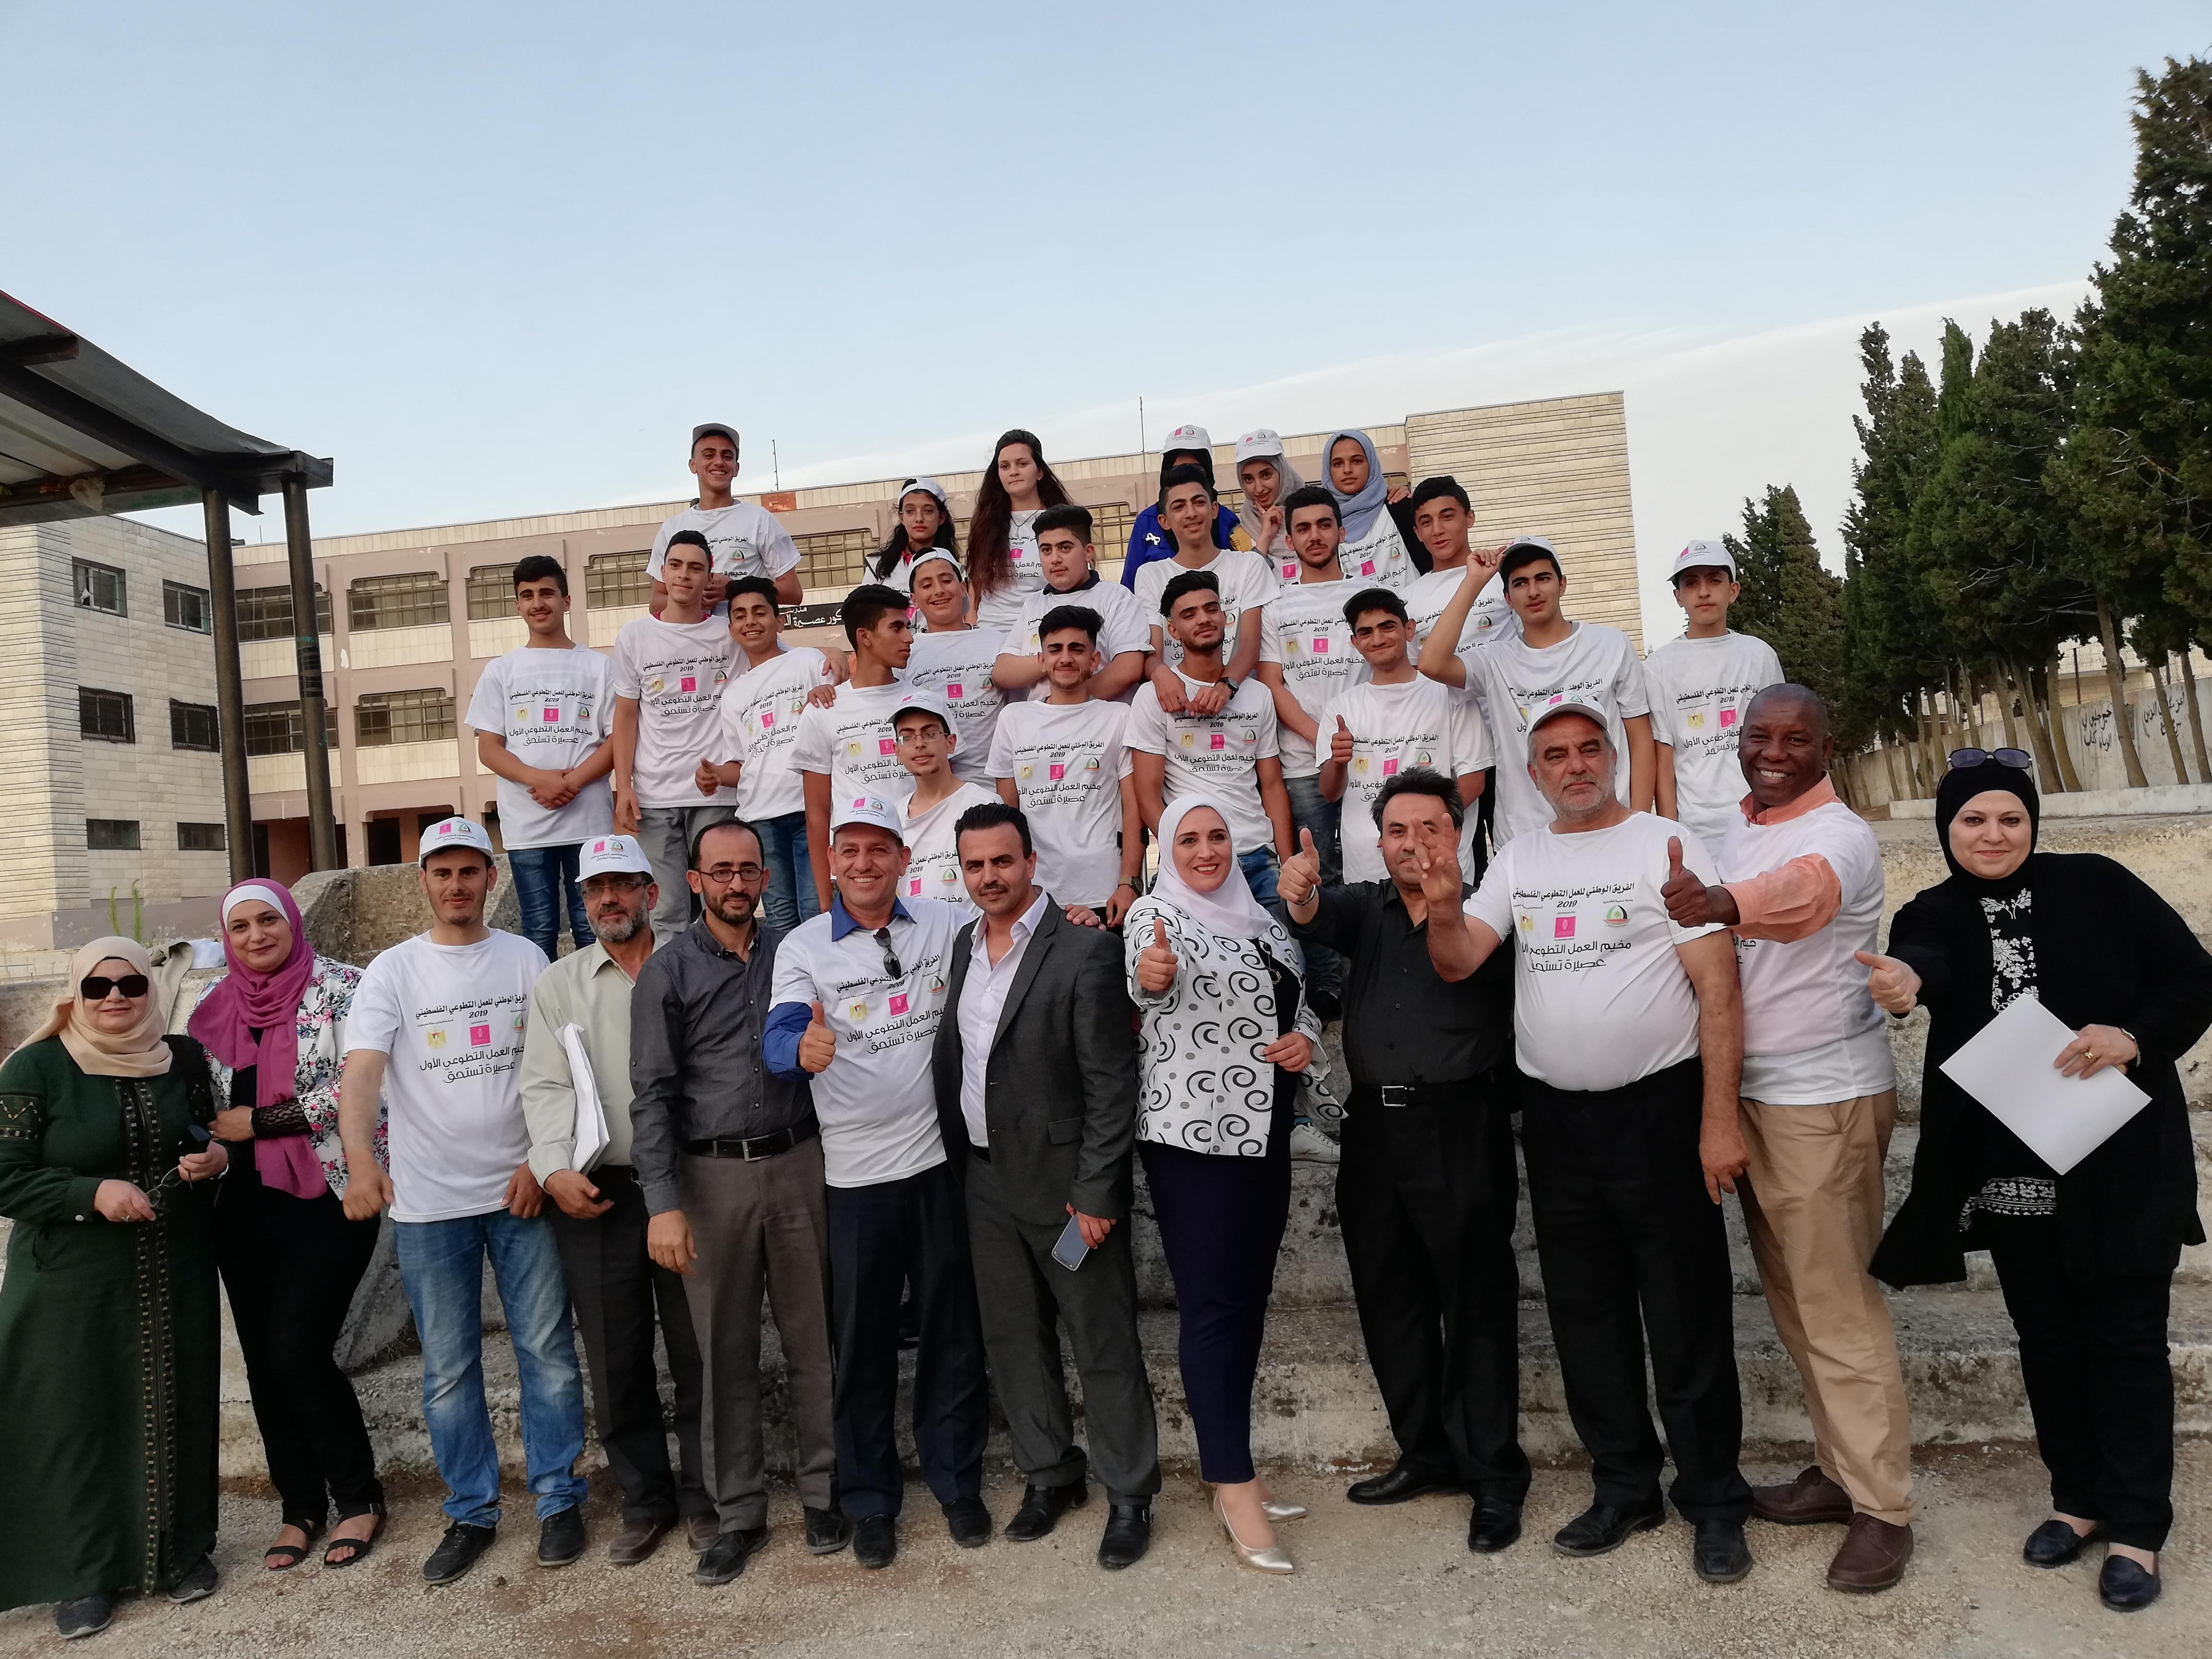 بنك فلسطين يقدم رعاية لمخيم العمل التطوعي الأول في عصيرة الشمالية